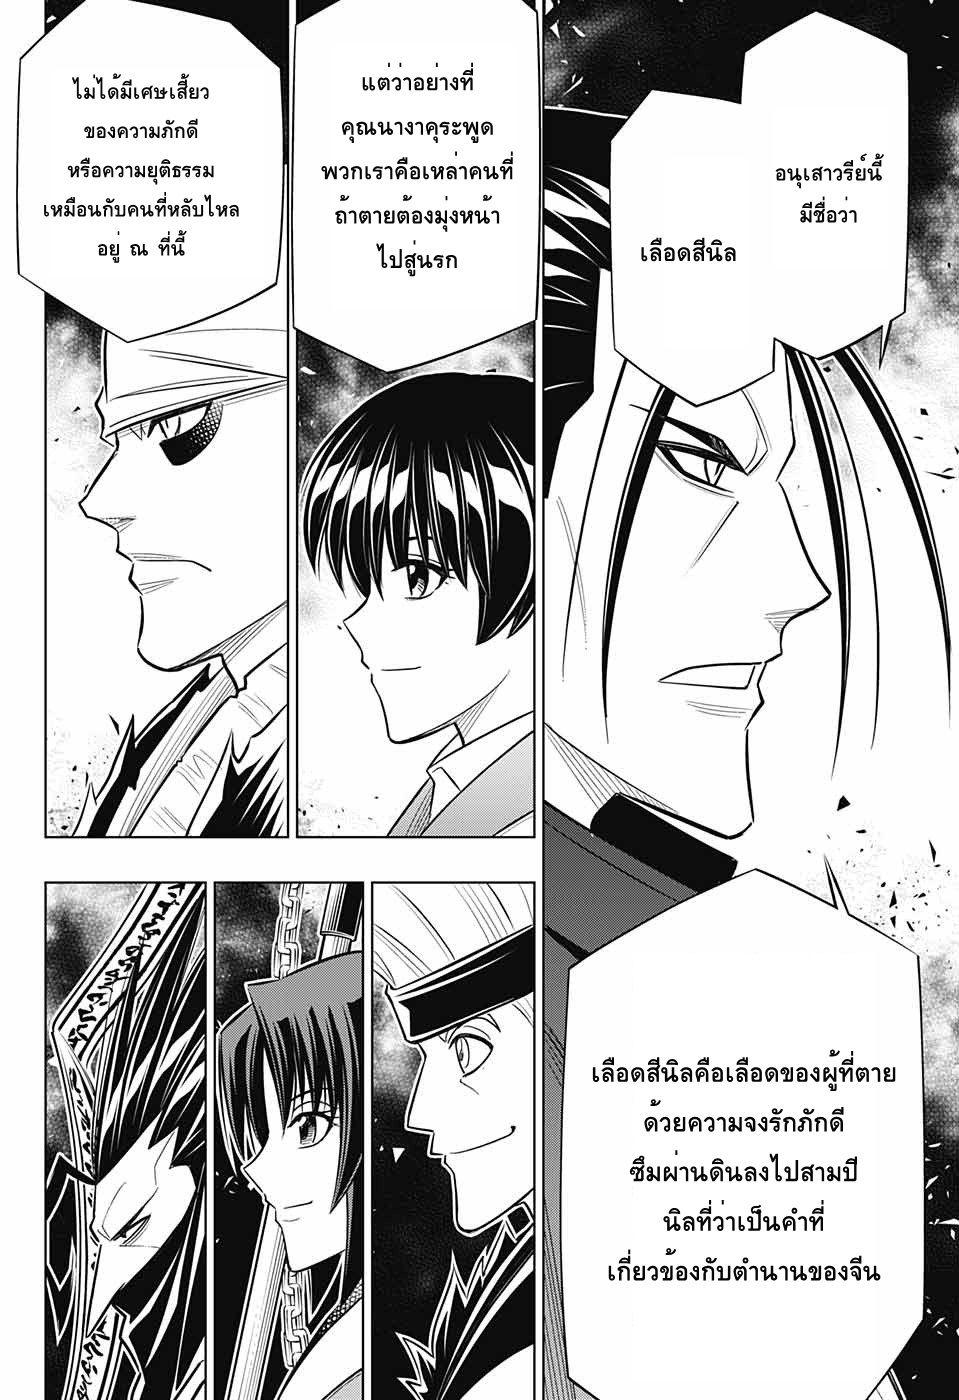 อ่านการ์ตูน Rurouni Kenshin: Hokkaido Arc ตอนที่ 14 หน้าที่ 24